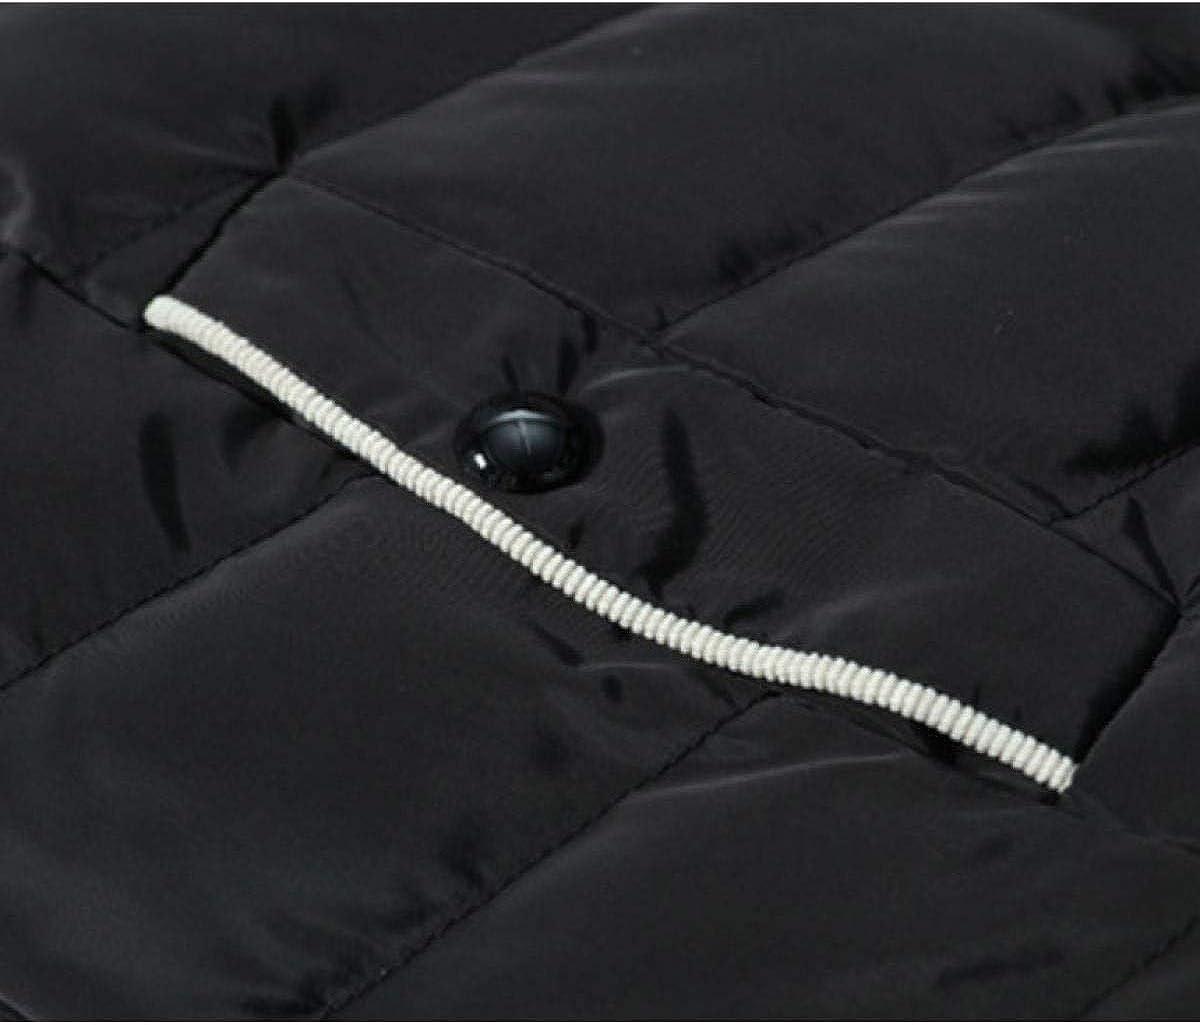 BOLAWOO Gilet da Uomo Cappuccio Rimovibile Cotone Senza Gilet di Caldo Gilet Maniche Mode di Marca Top Autunno Inverno Giubbotto Rosso